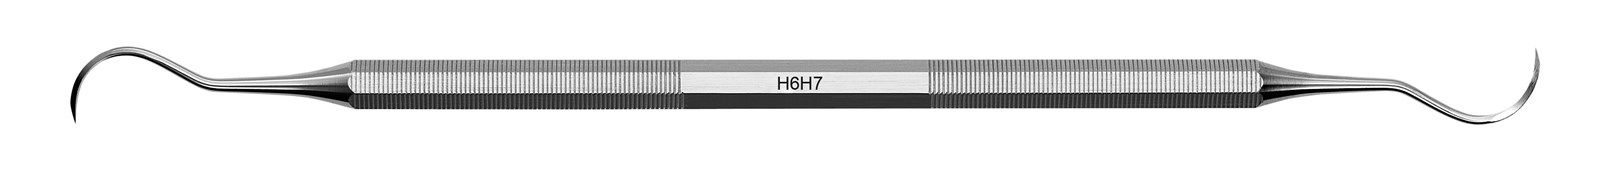 Scaler univerzální - H6H7, ADEP červený